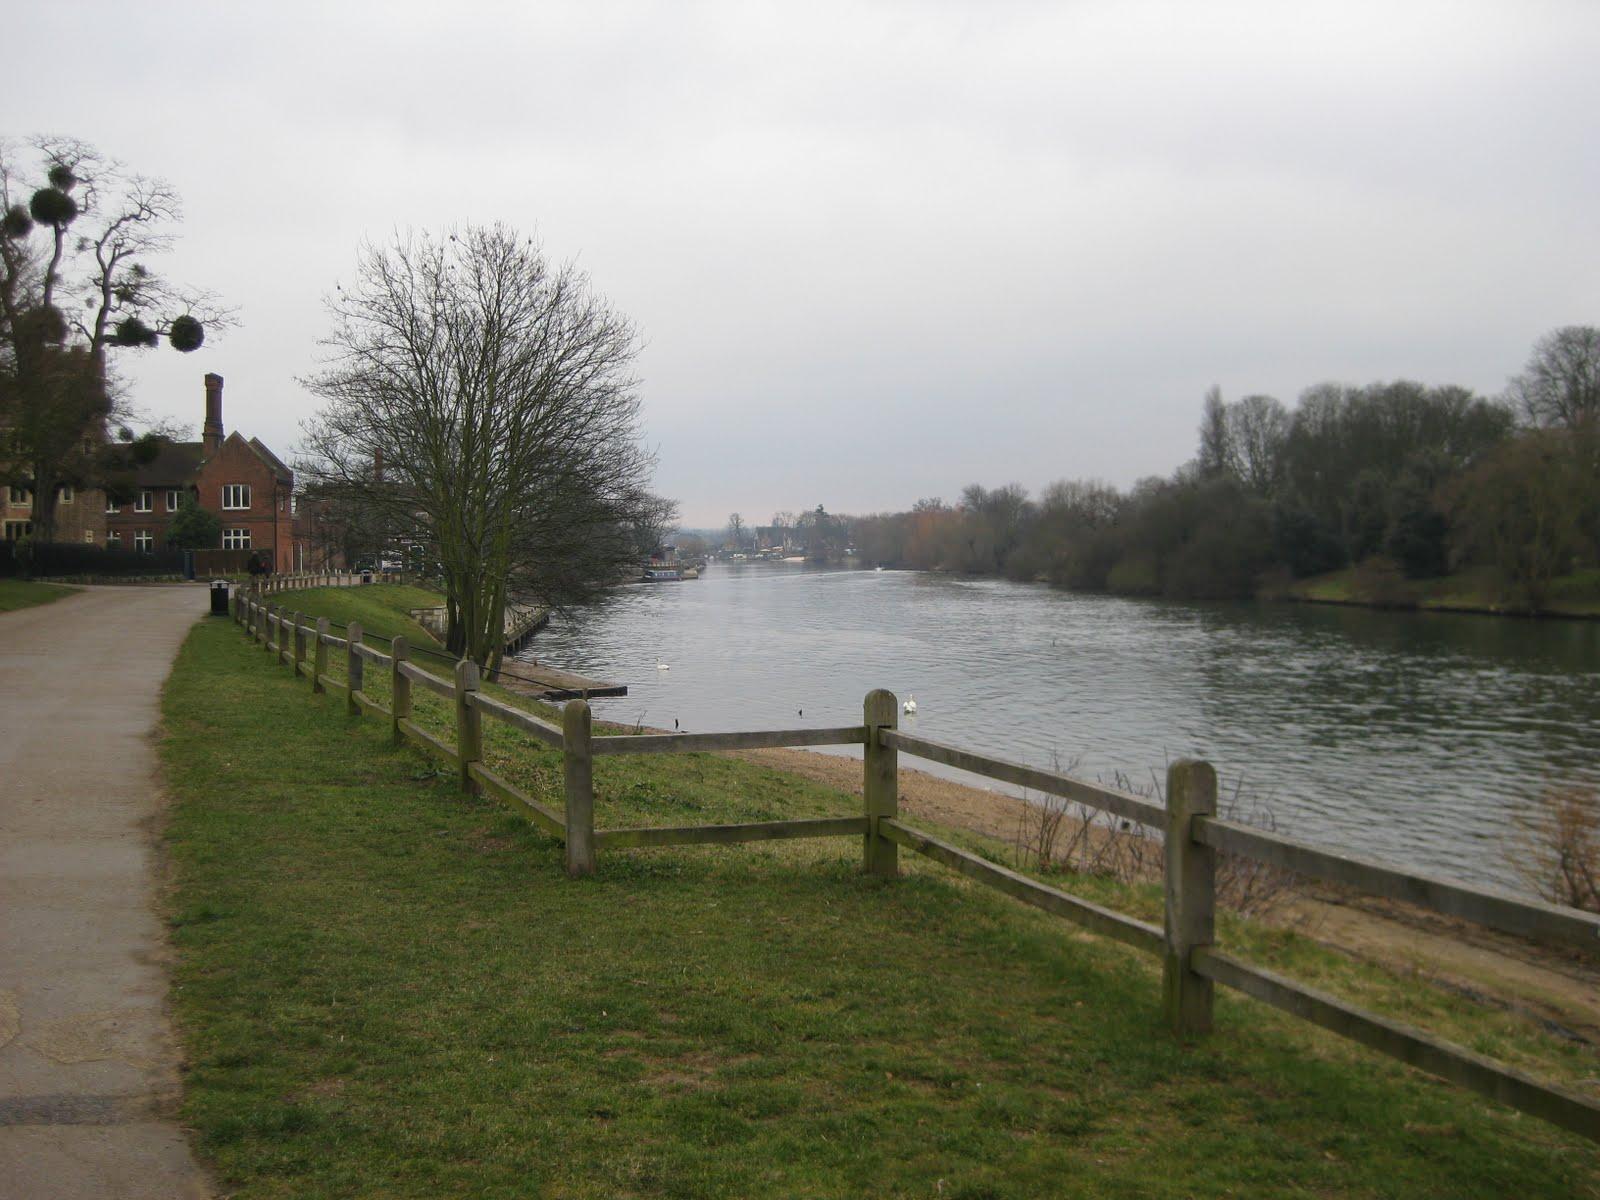 Alongside the Thames